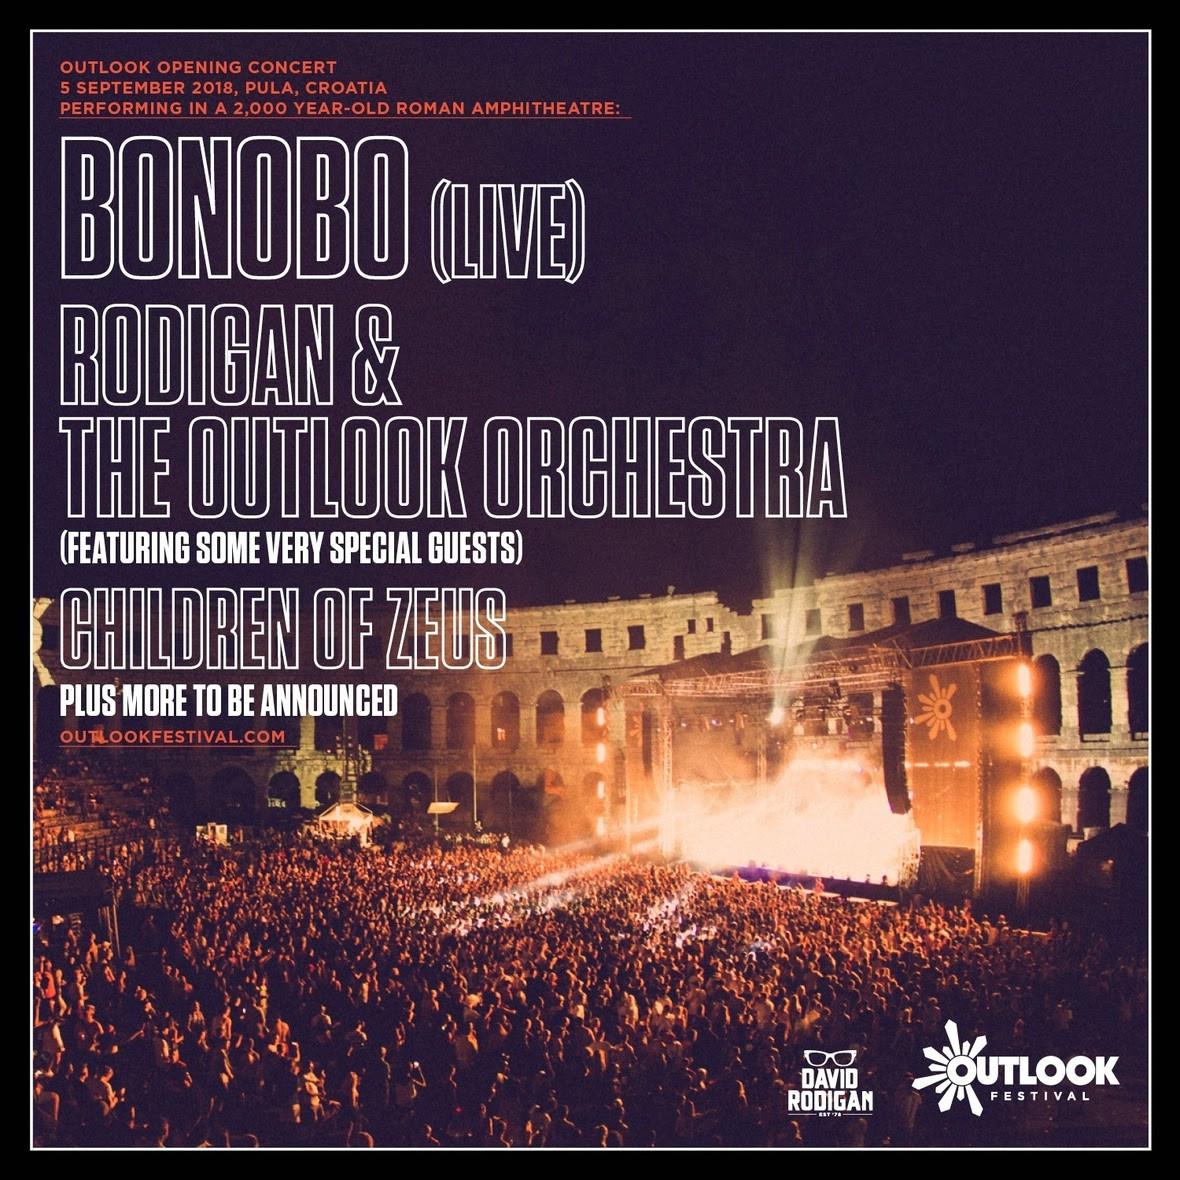 Bonobo, David Rodigan i Outlook Orkestar uvode nas u novo desetljeće Outlook festivala u pulskoj Areni